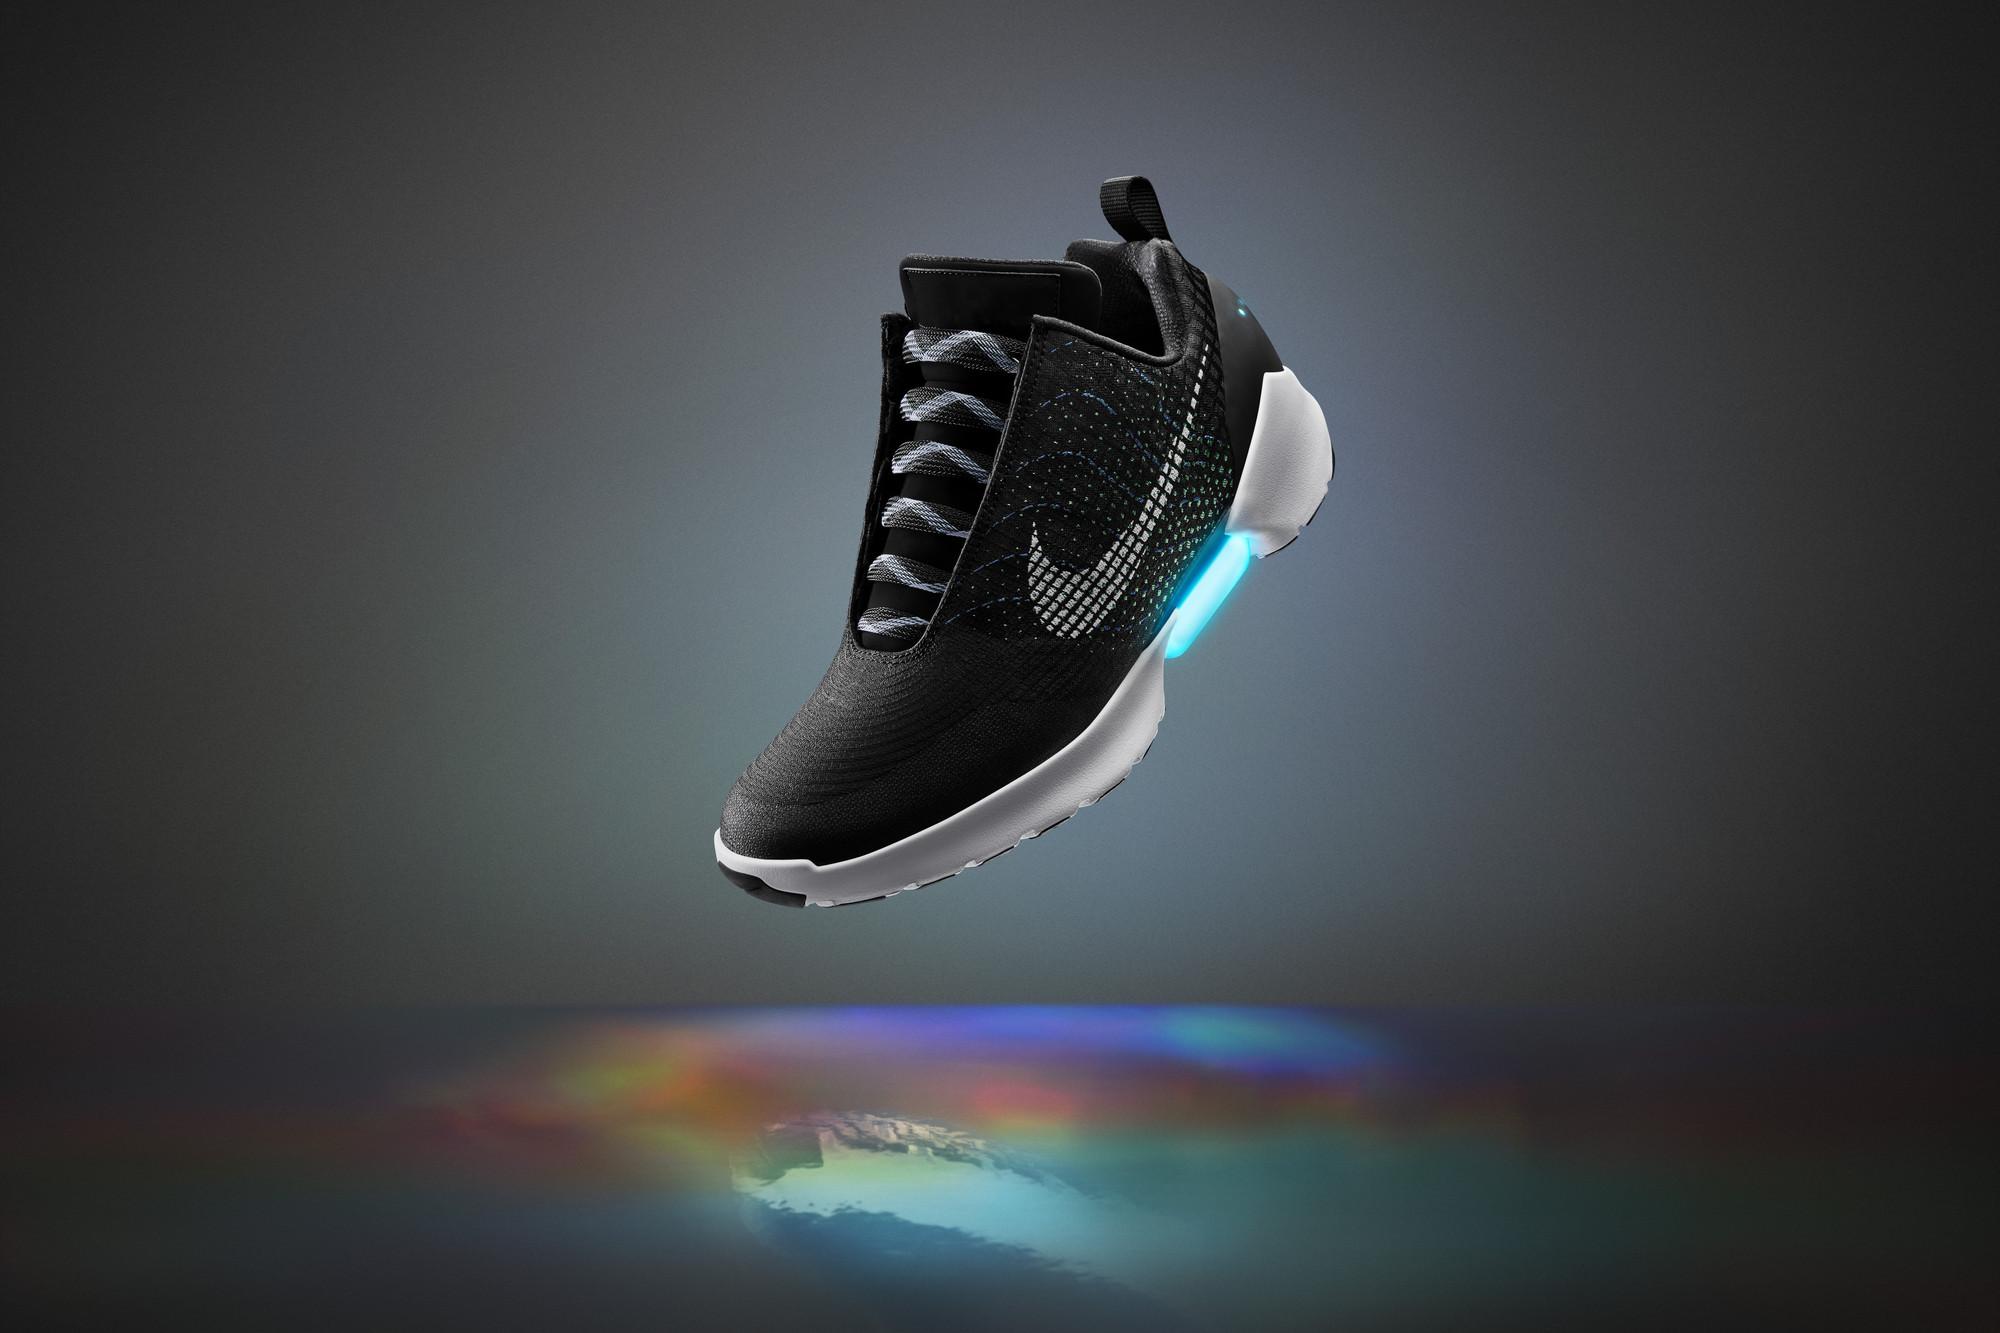 L'année Innovations 2016 Marketing Pour Sports Ses Nike Dévoile – TFcl1J3K